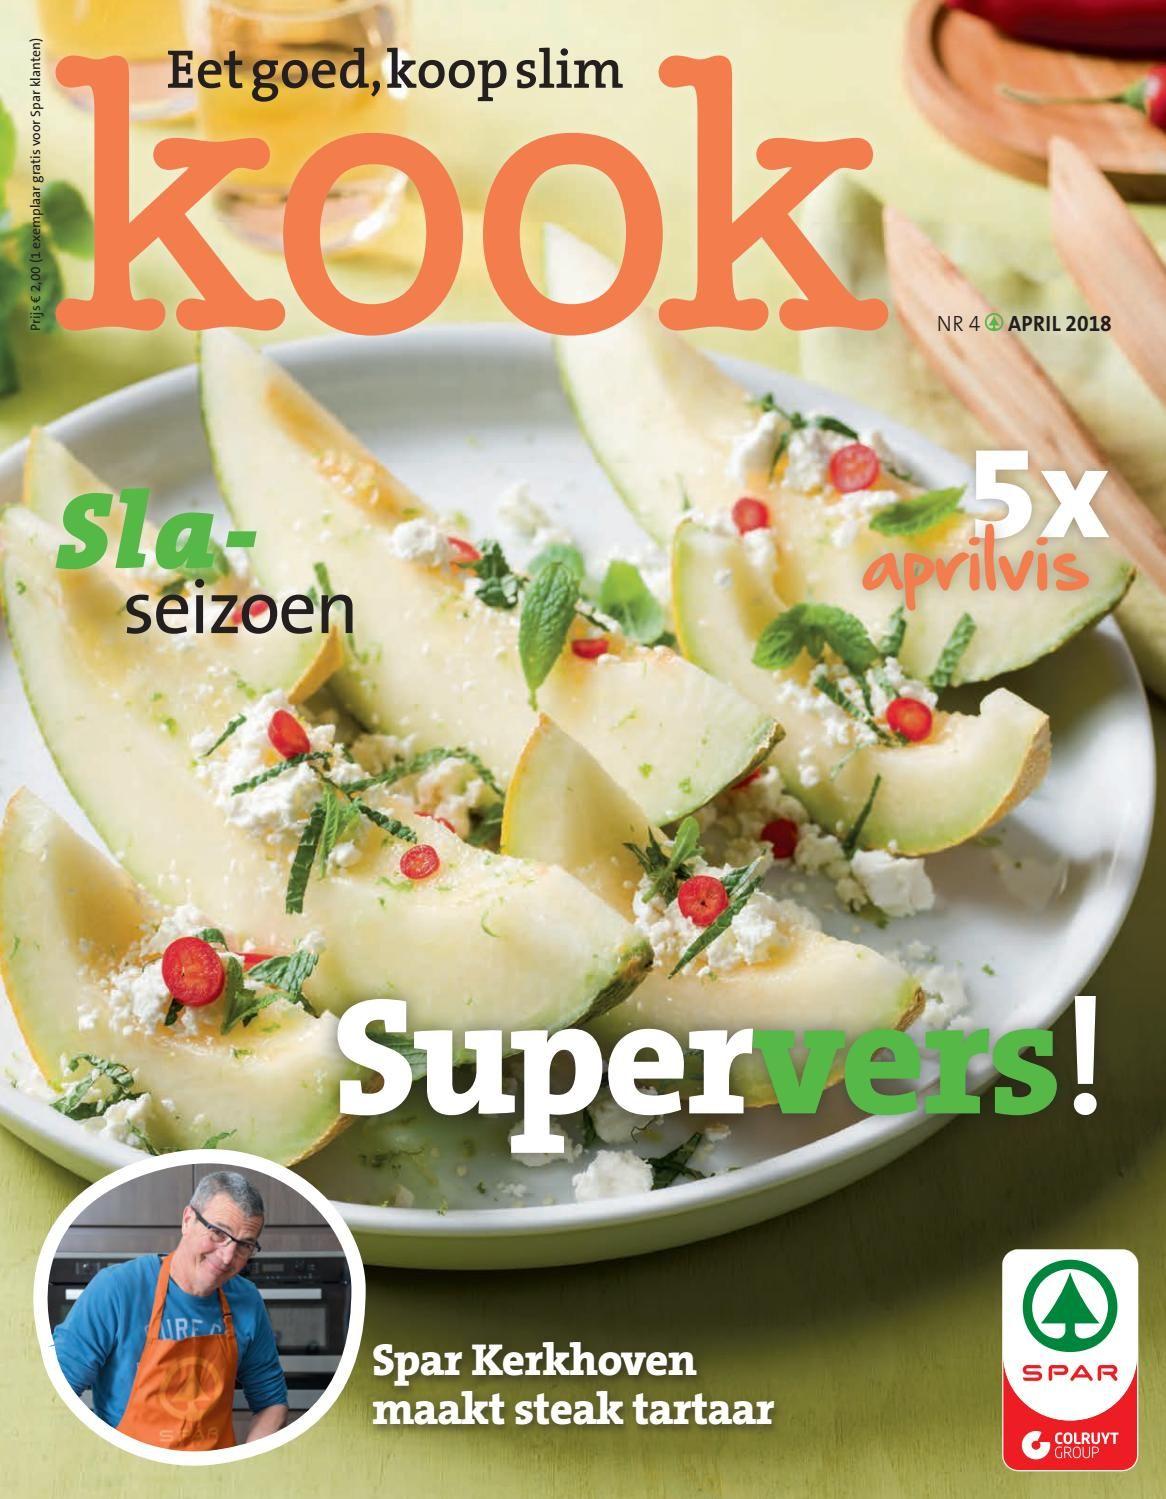 kook sp